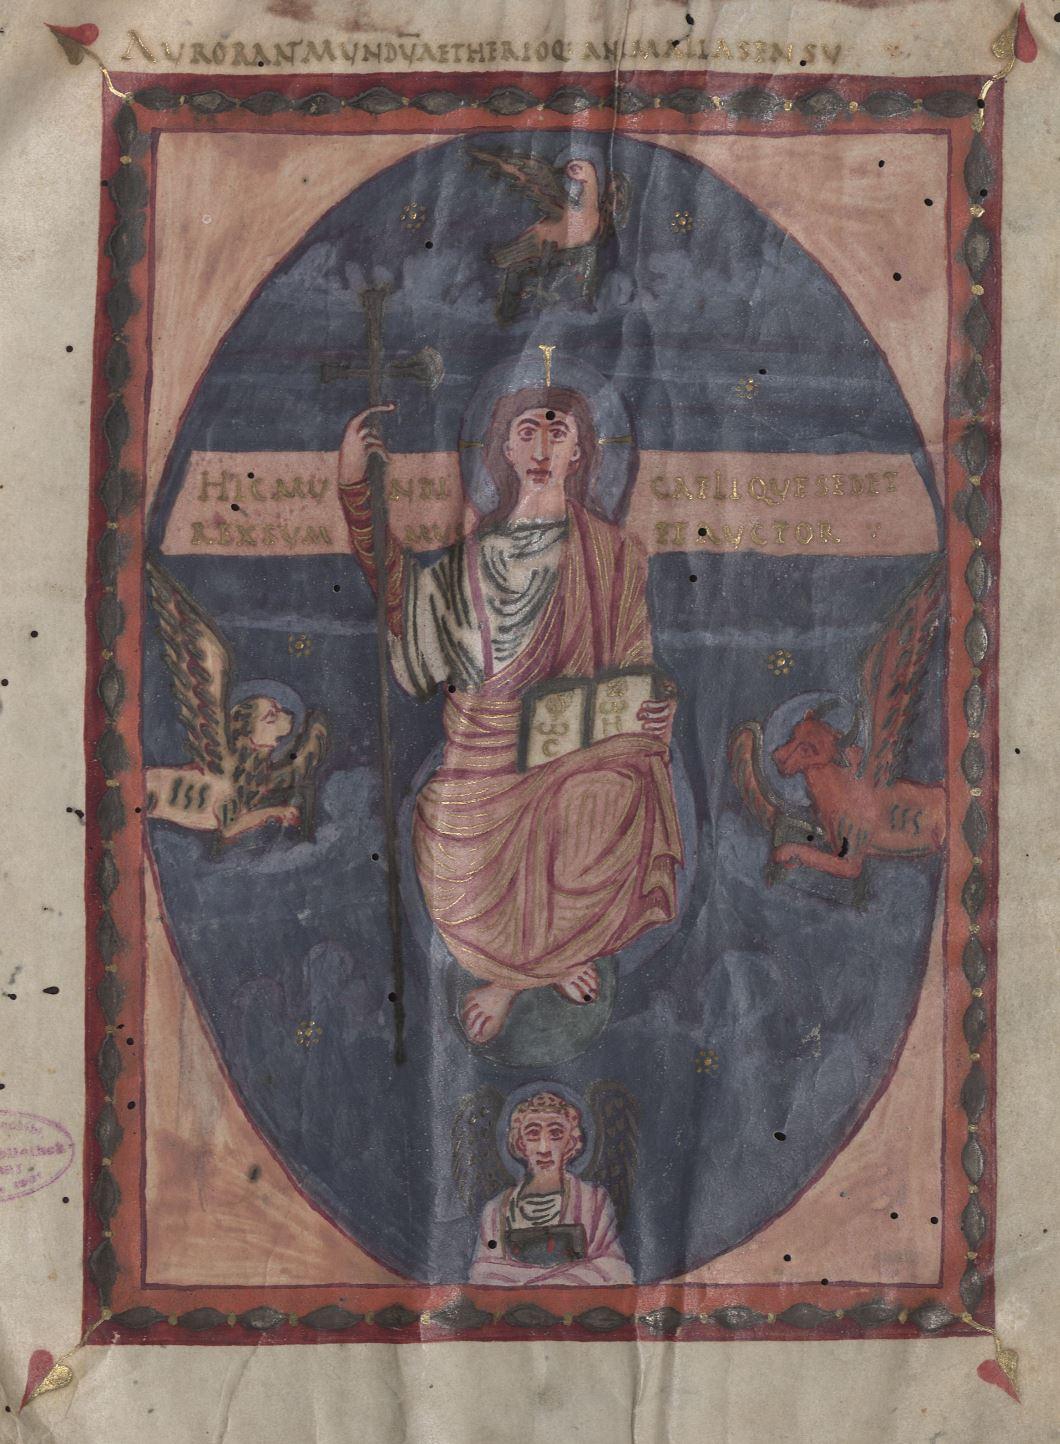 Evangeliaire de Weingarten HB II 40 fol 1v wurttembergisches landesbibliothek stuttgart